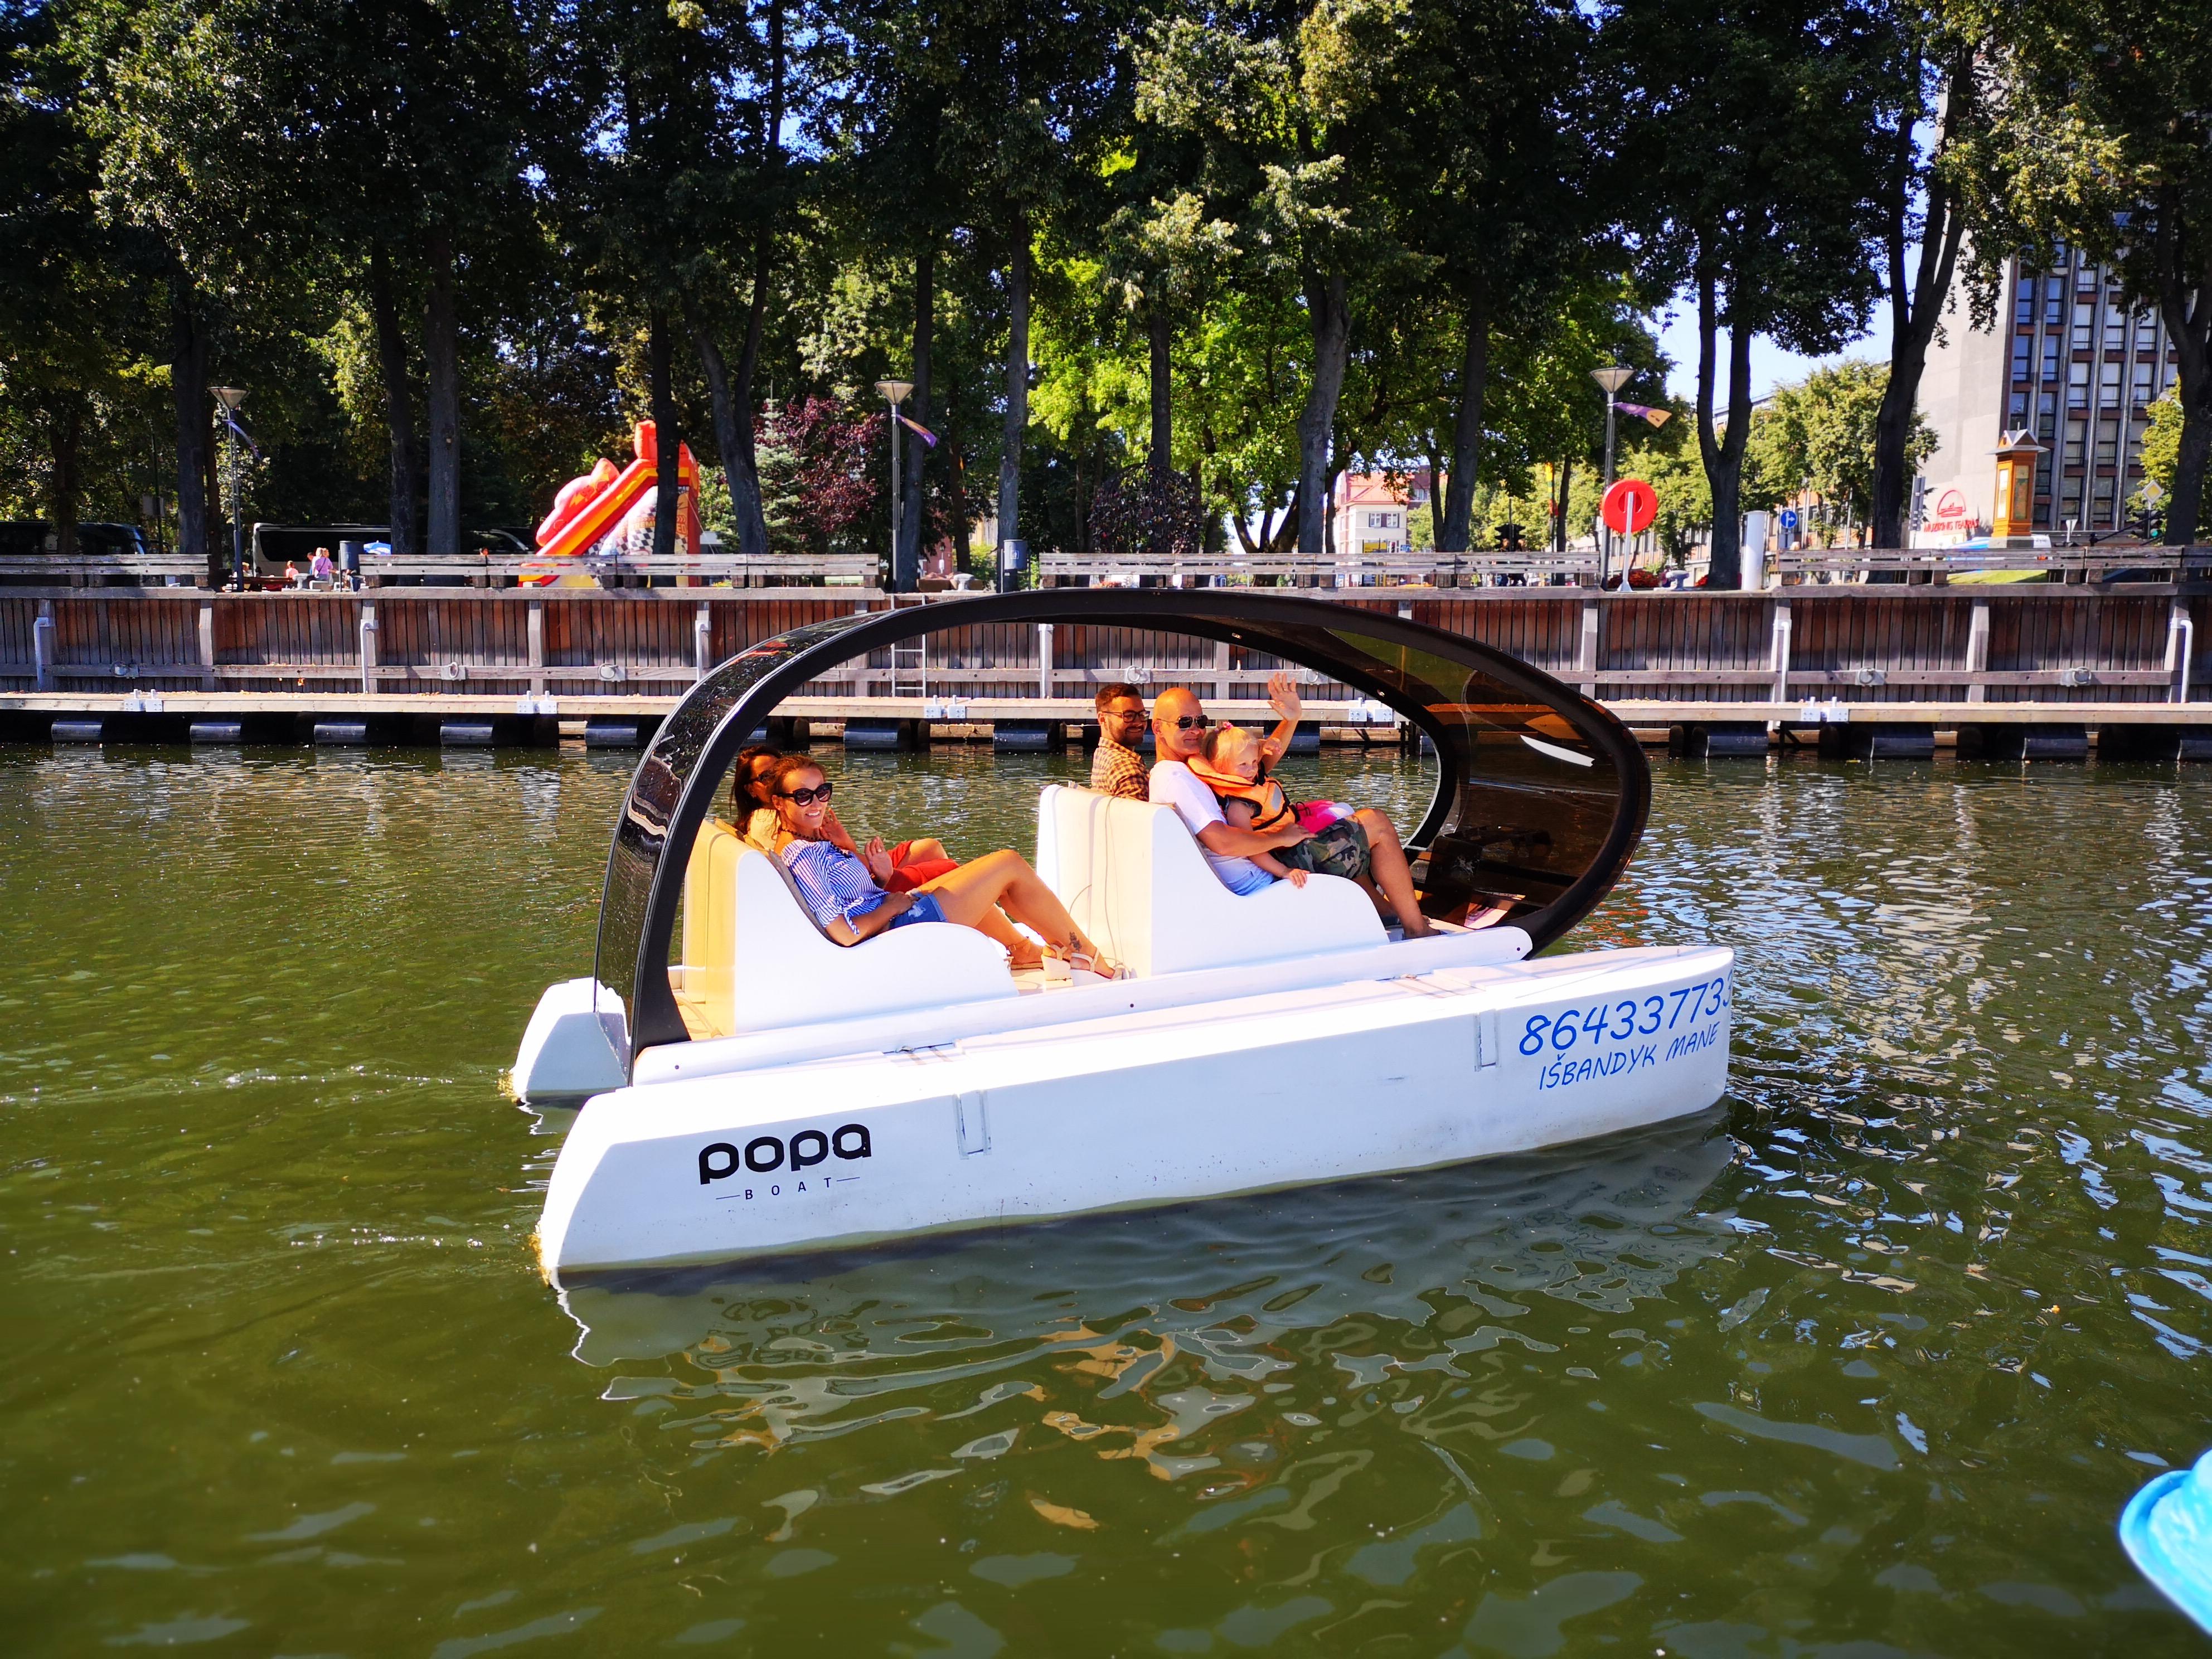 Popa Boat